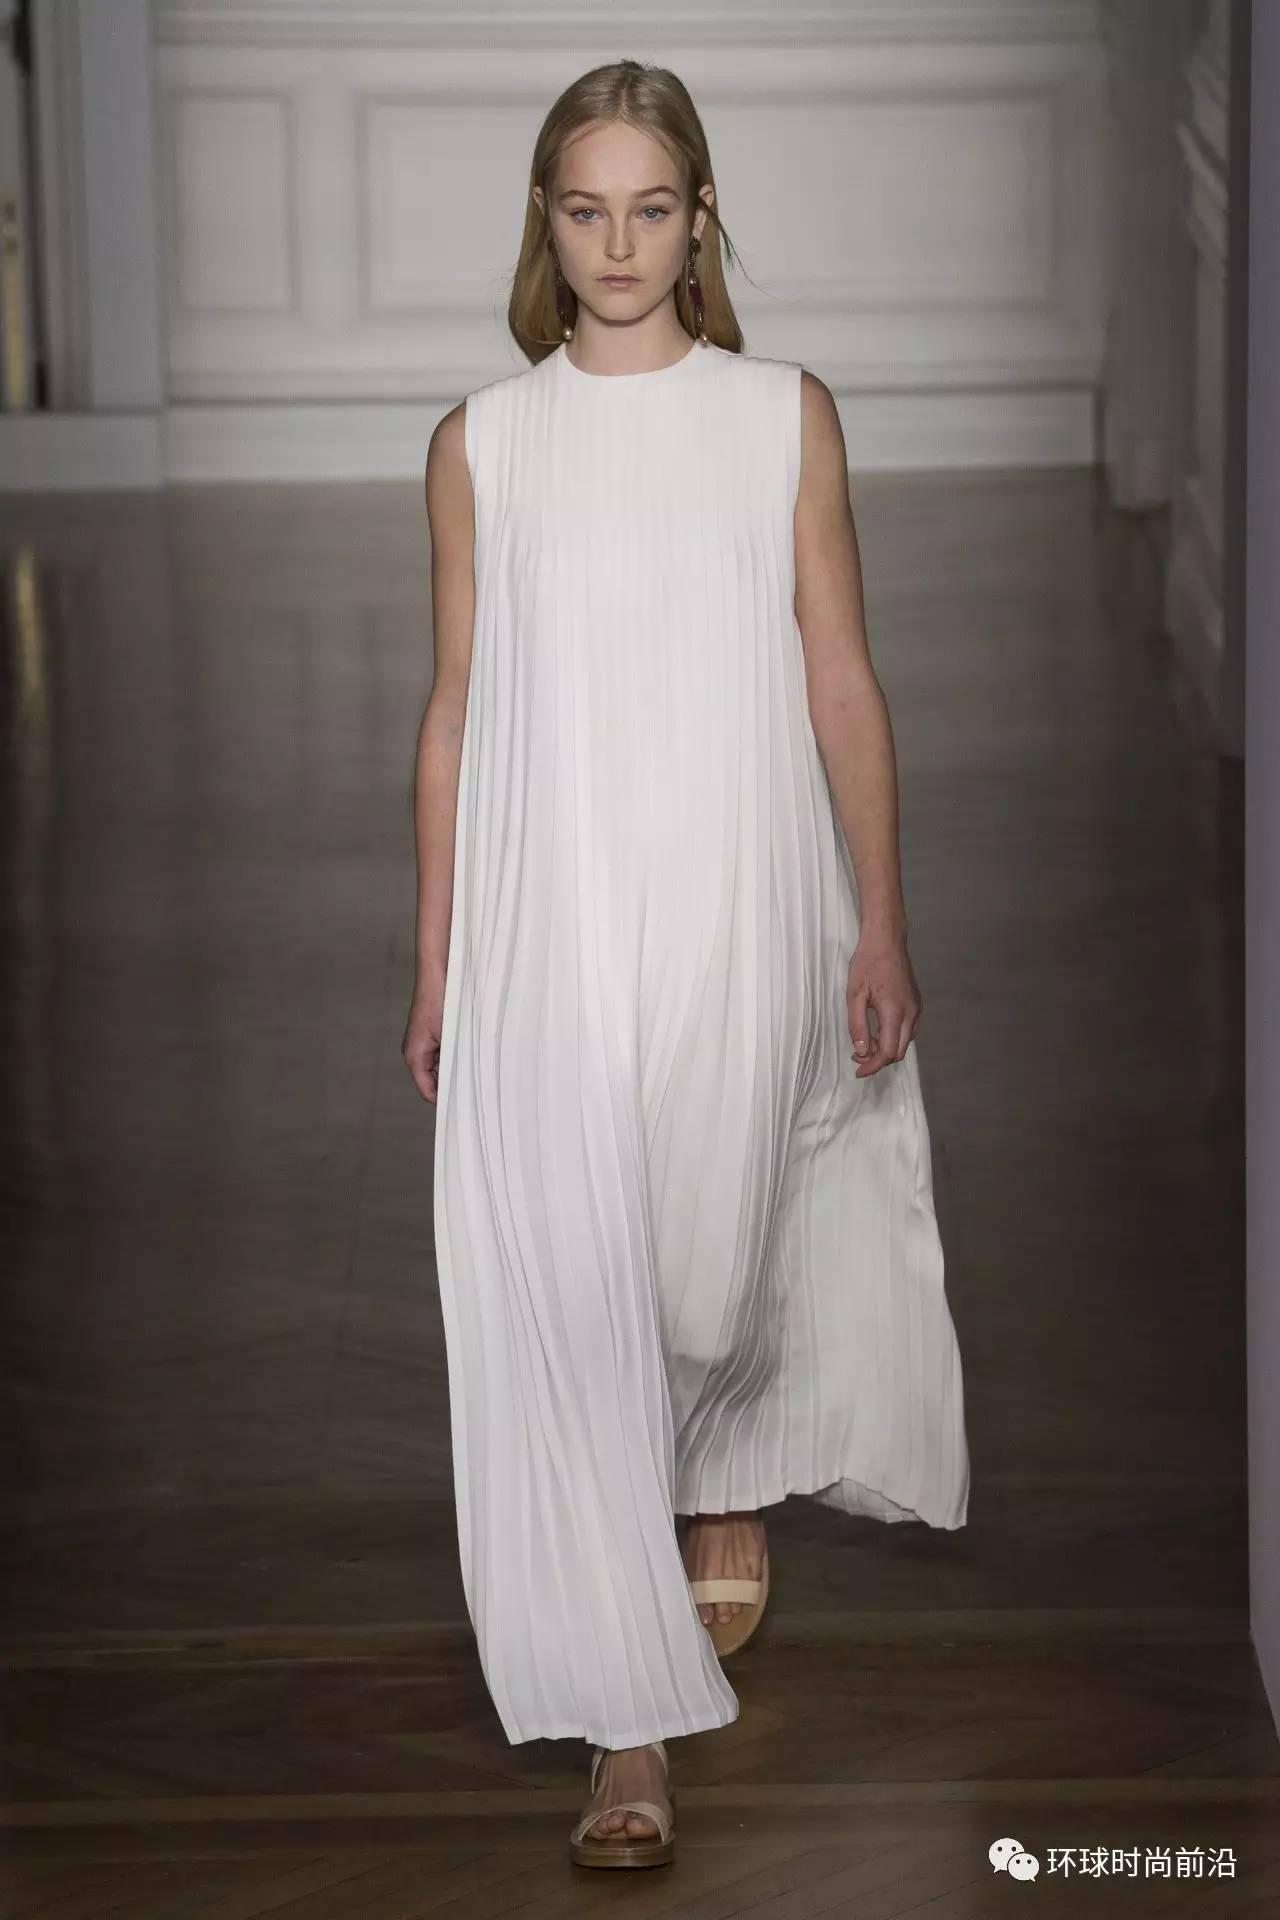 Valentino 2017春夏高定:古典希腊的当代投射 - 小狗 - 窝